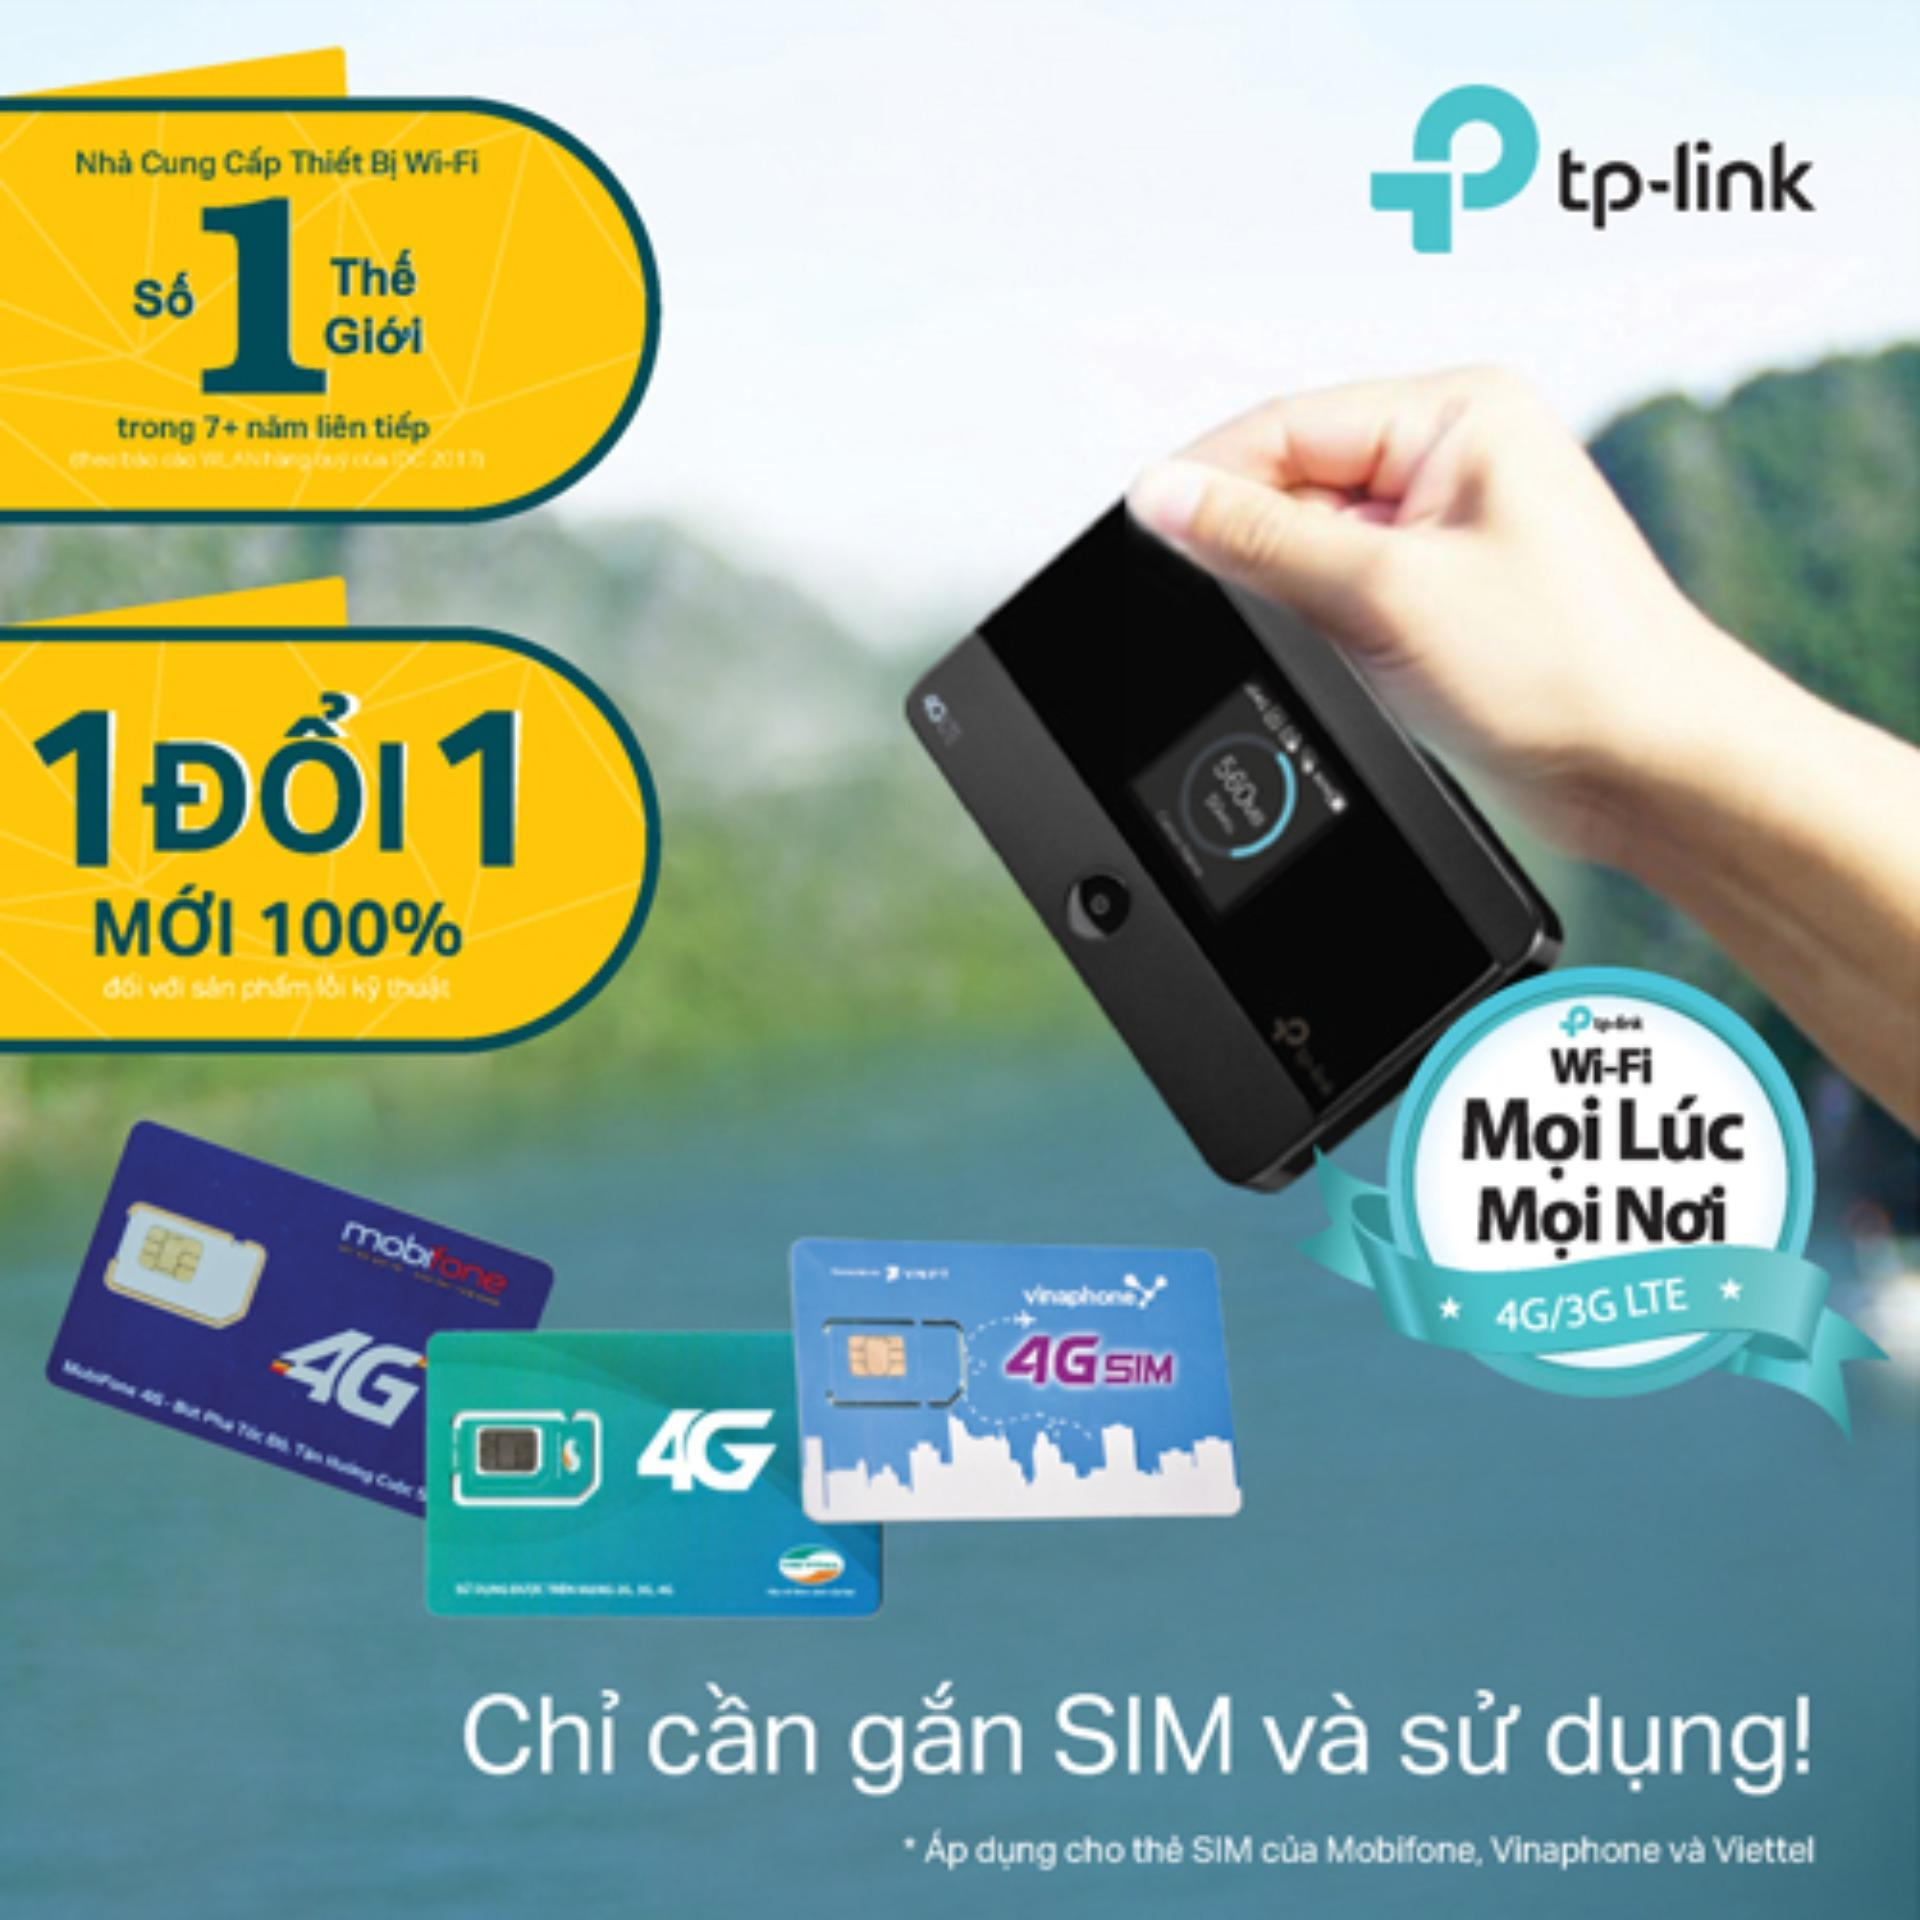 Bán Mua Trực Tuyến Tp Link M7350 Bộ Phat Wifi Di Động 4G Lte Hang Phan Phối Chinh Thức